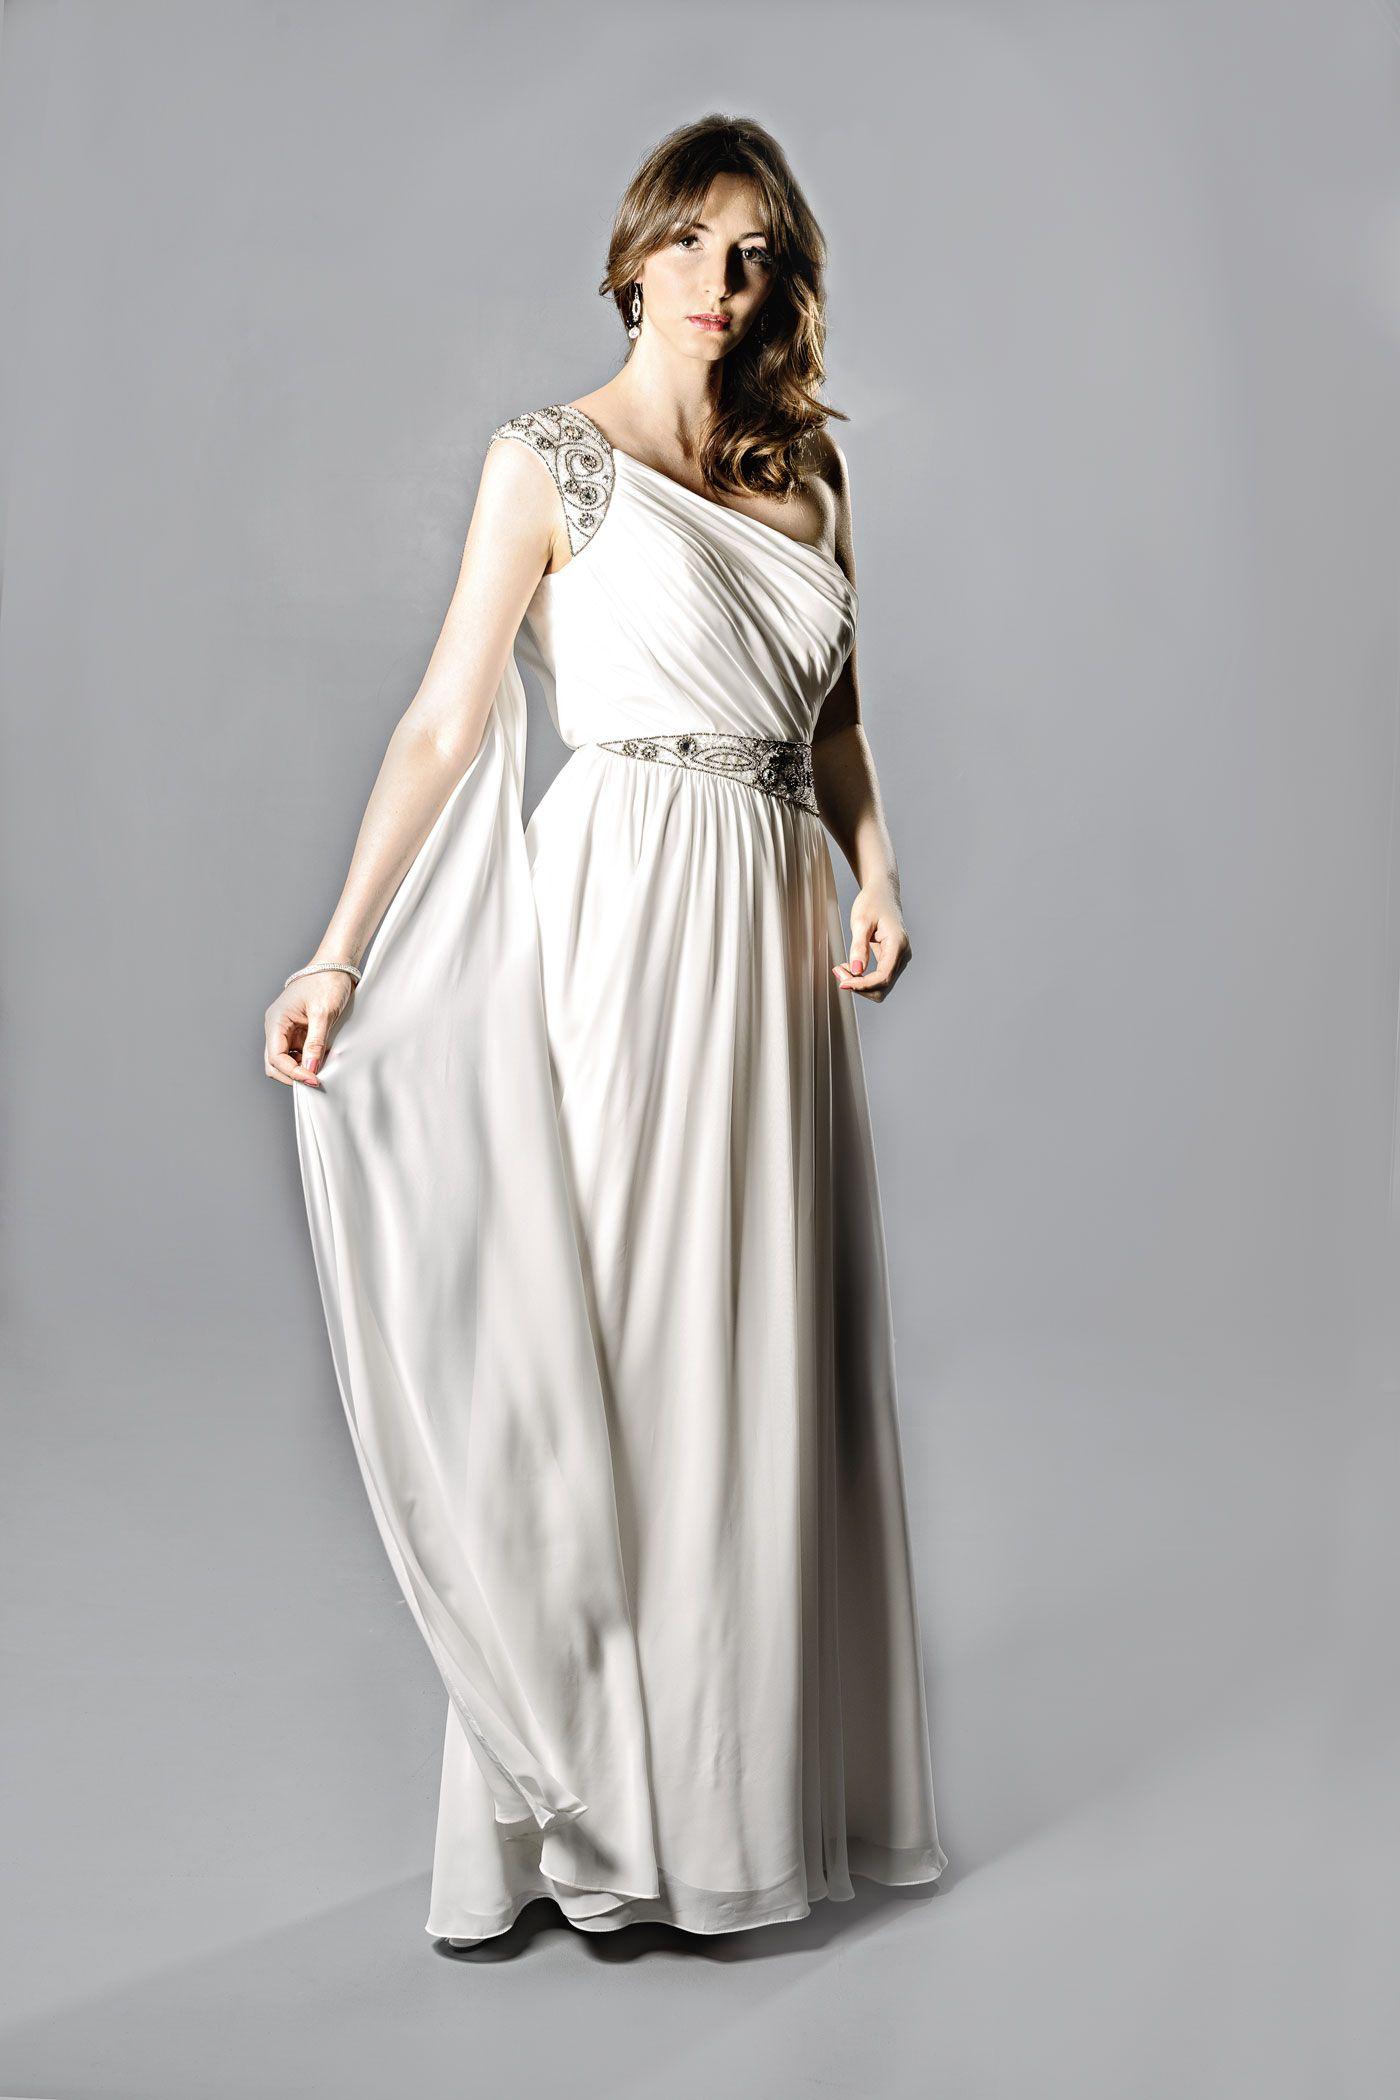 Abendkleid griechischer Stil  The Factory Store  Abendkleid